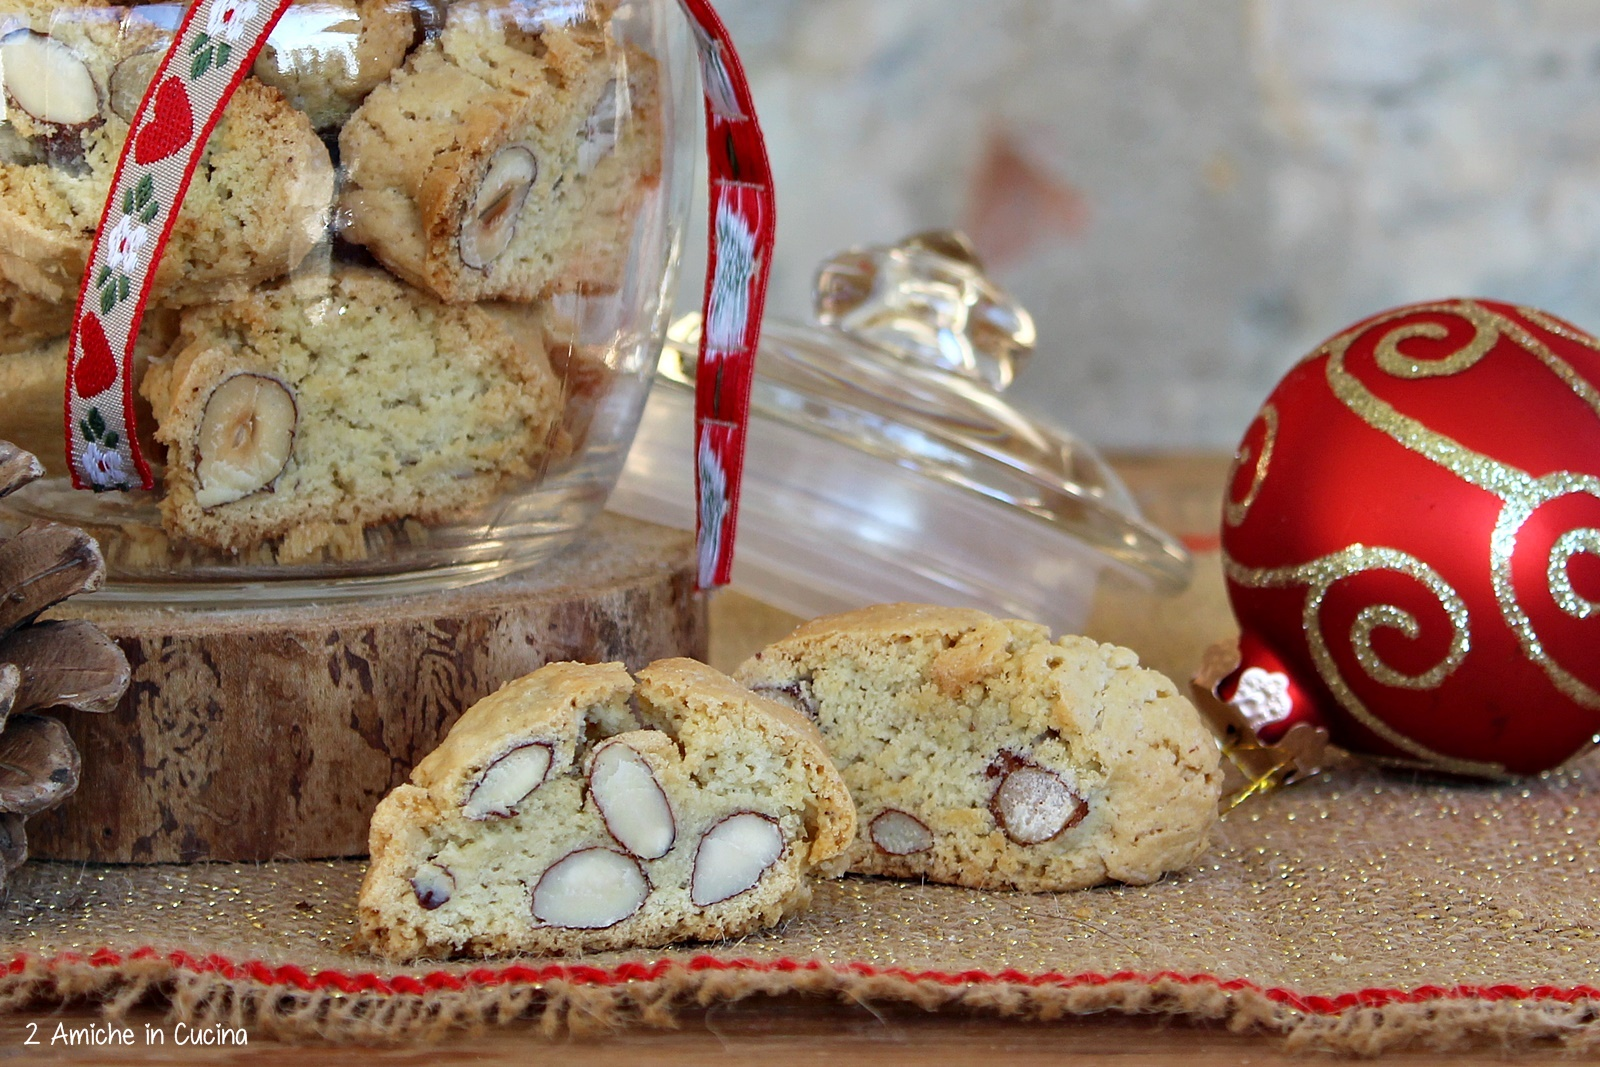 Biscotti Di Natale Umbria.Tozzetti Umbri Biscotti Friabili Con Nocciole E Mandorle